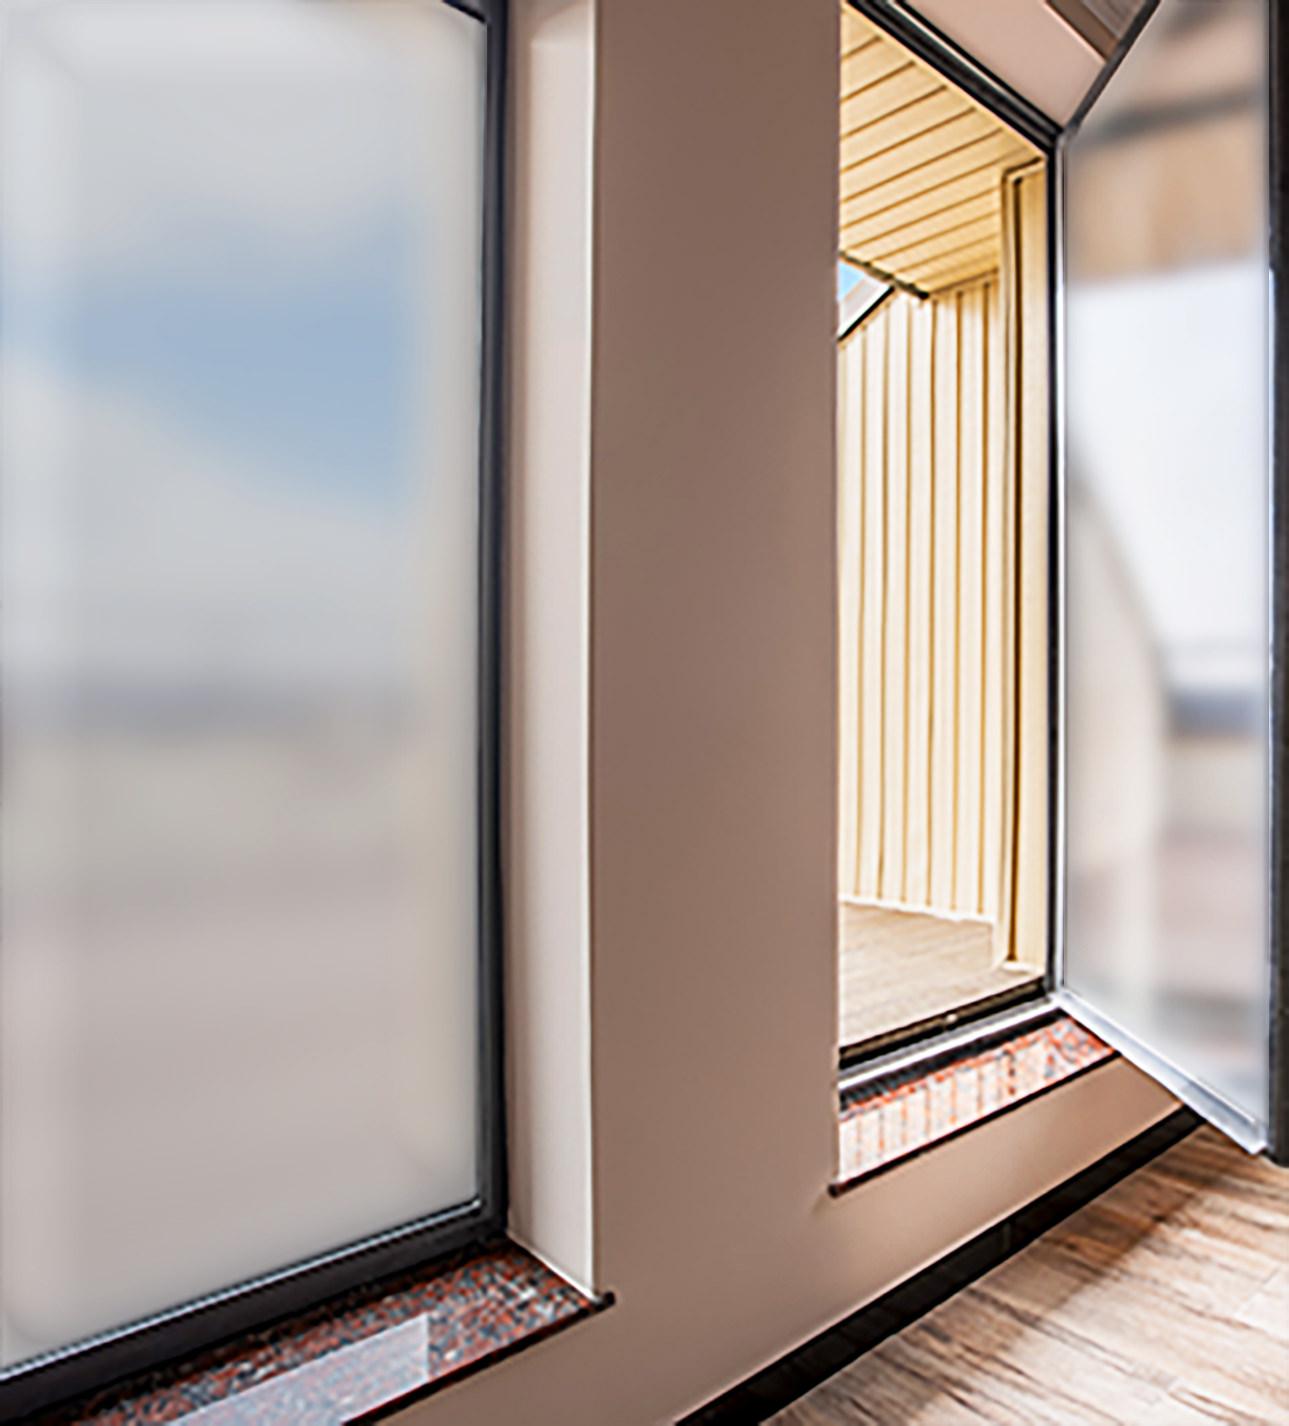 Full Size of Fensterfolie Blickdicht Sonnenschutz Sichtschutzfolie Tag Und Nacht Wohnzimmer Fensterfolie Blickdicht